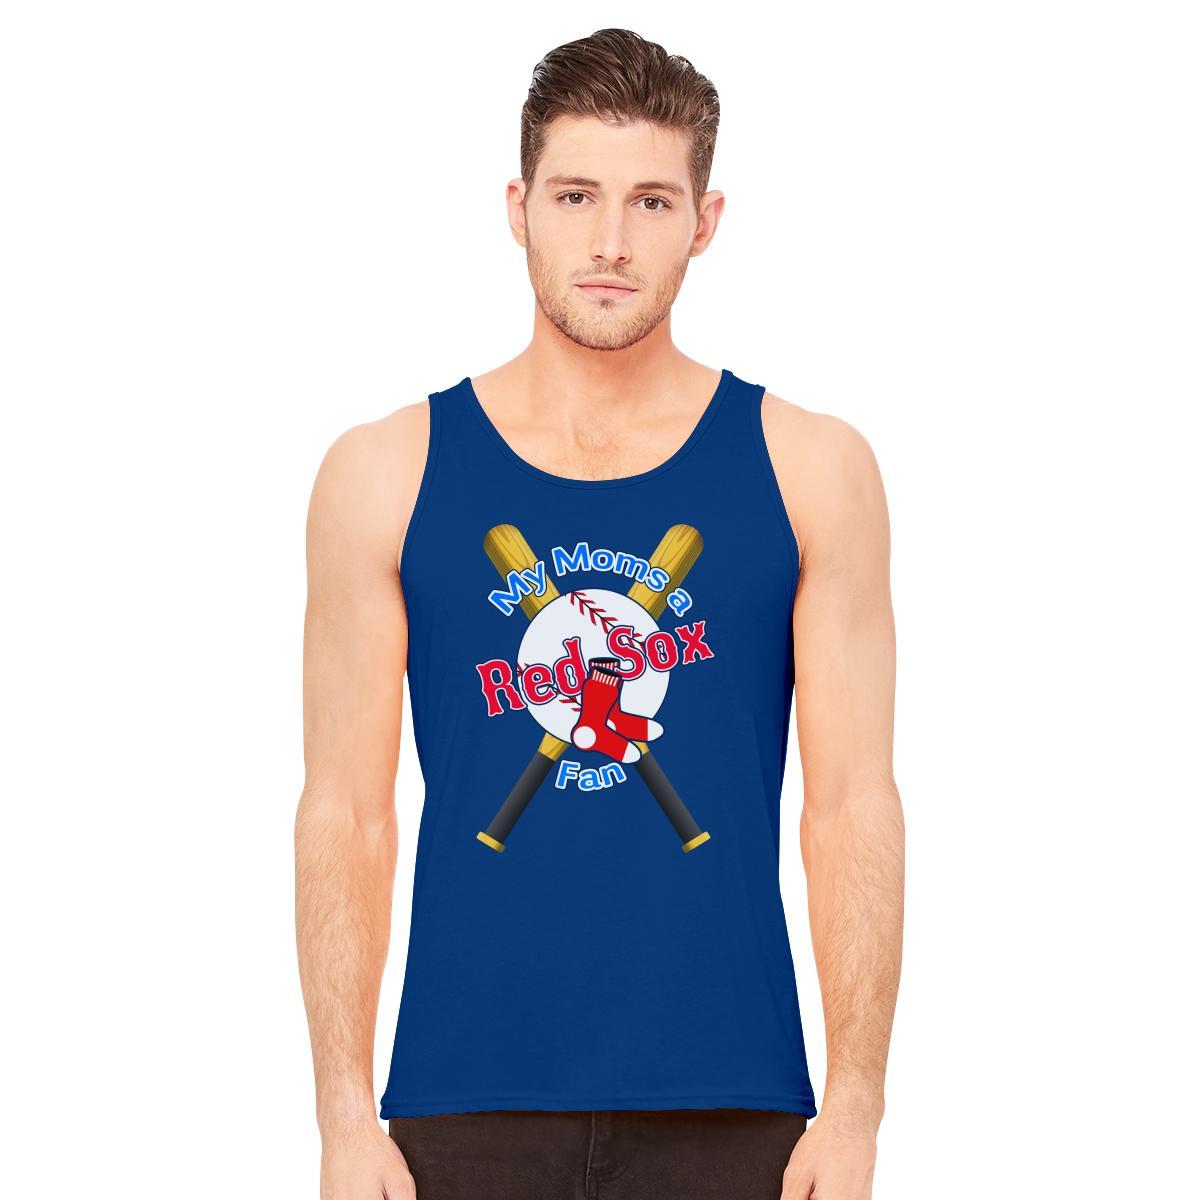 My Moms a Red Sox Fan BoSox Men s Tank Top  e0af5d2587a0